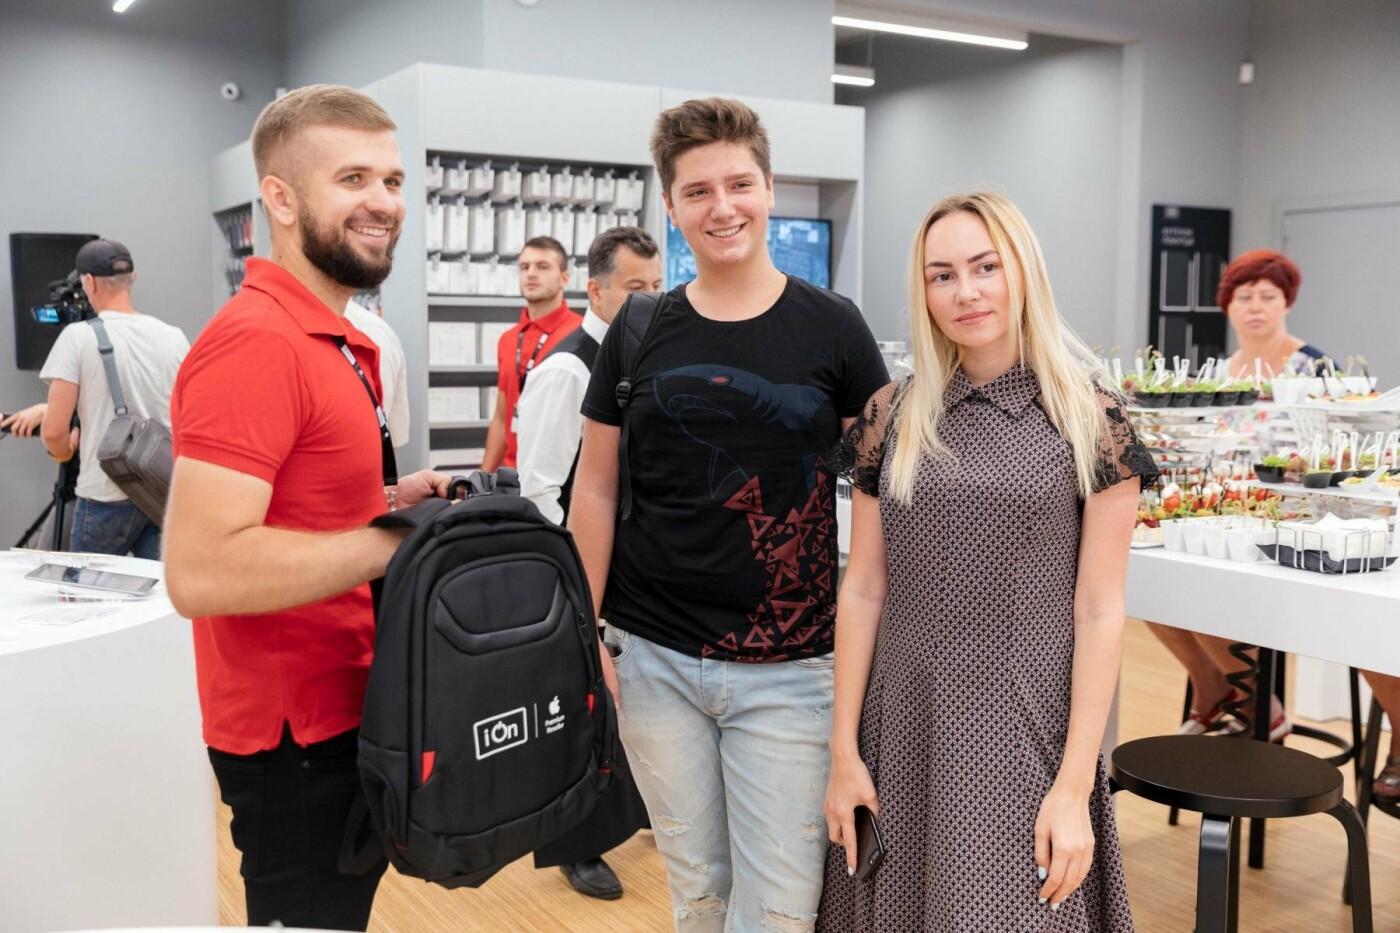 В Харькове открылся магазин iON Apple  Premium Reseller с секцией экспертов, фото-4